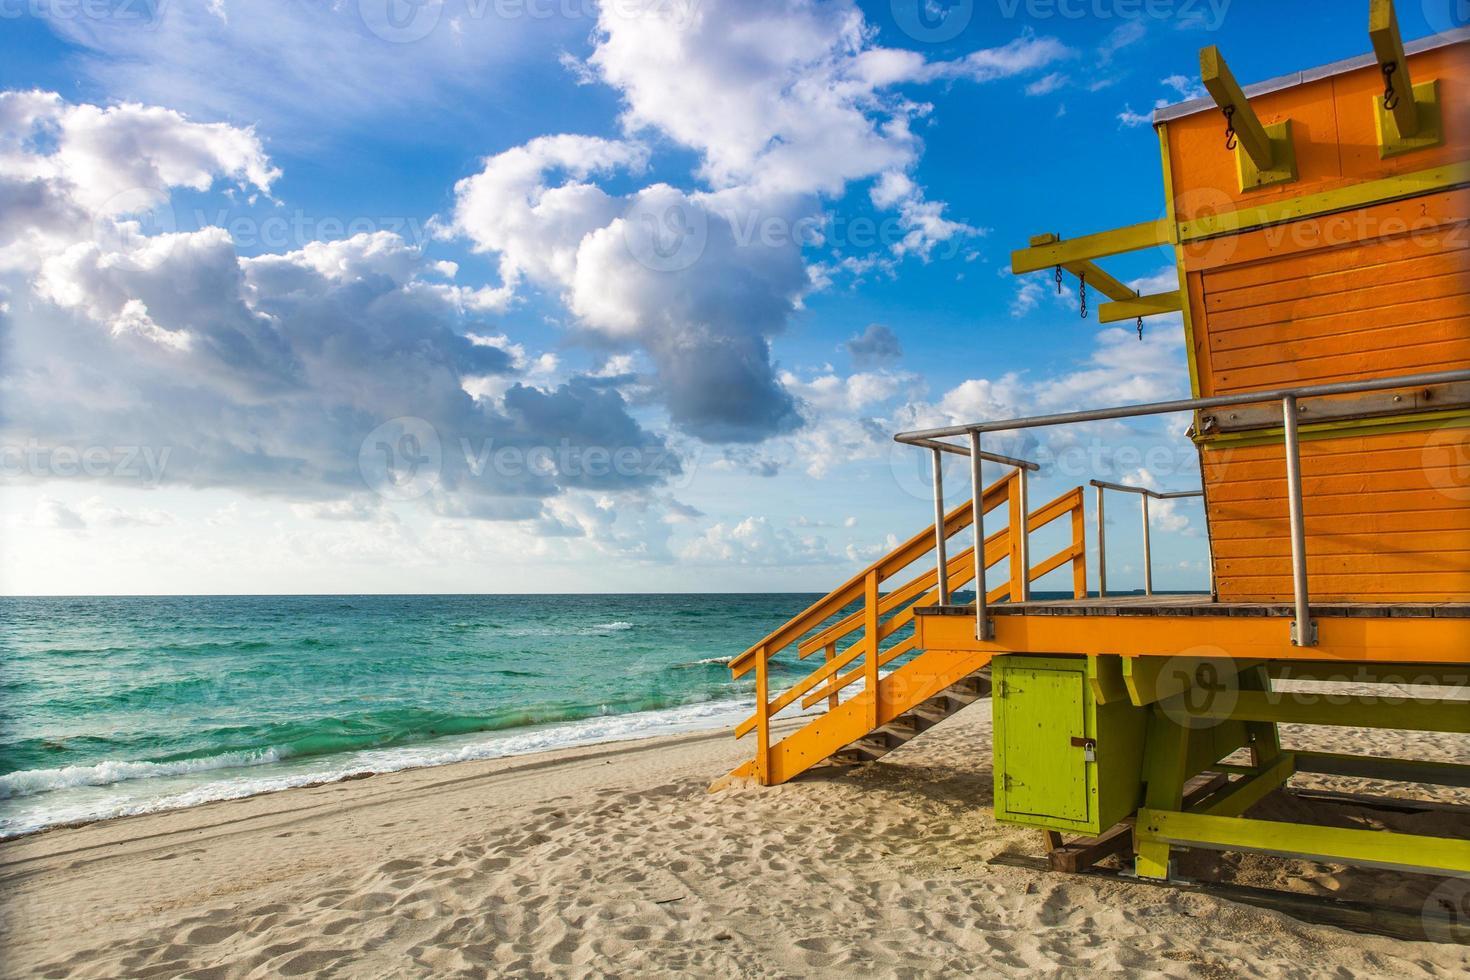 Rettungsschwimmerstation, Miami Beach, Florida, Amerika, USA - Lager im foto